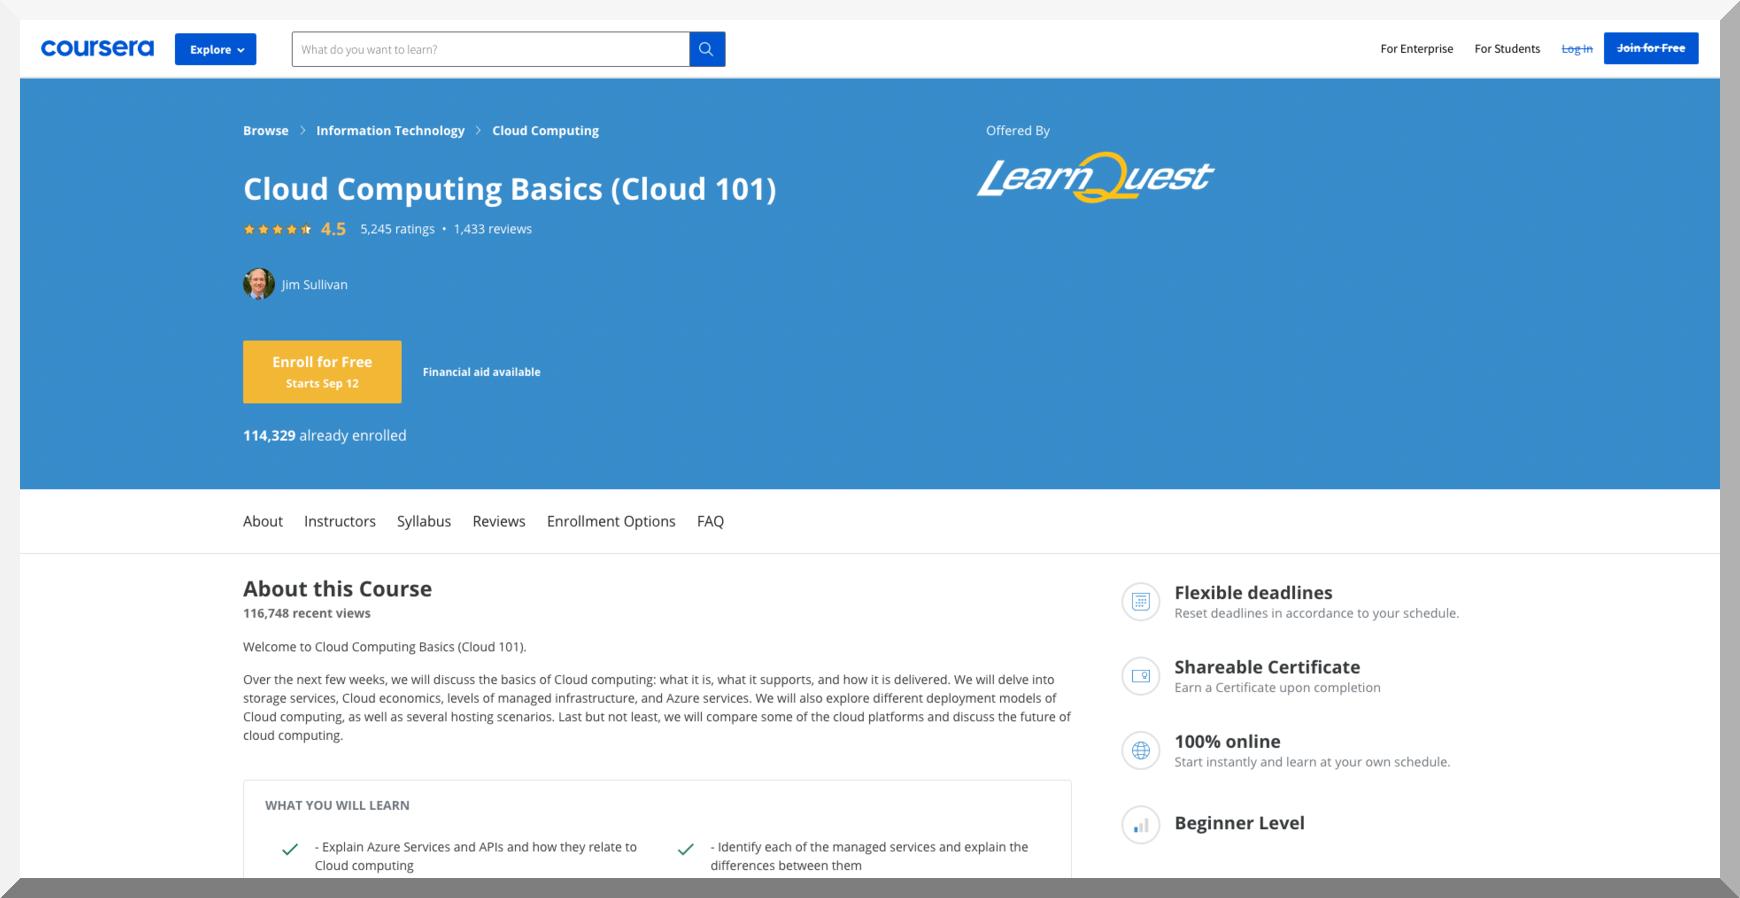 Cloud Computing Basics (Cloud 101) – Coursera